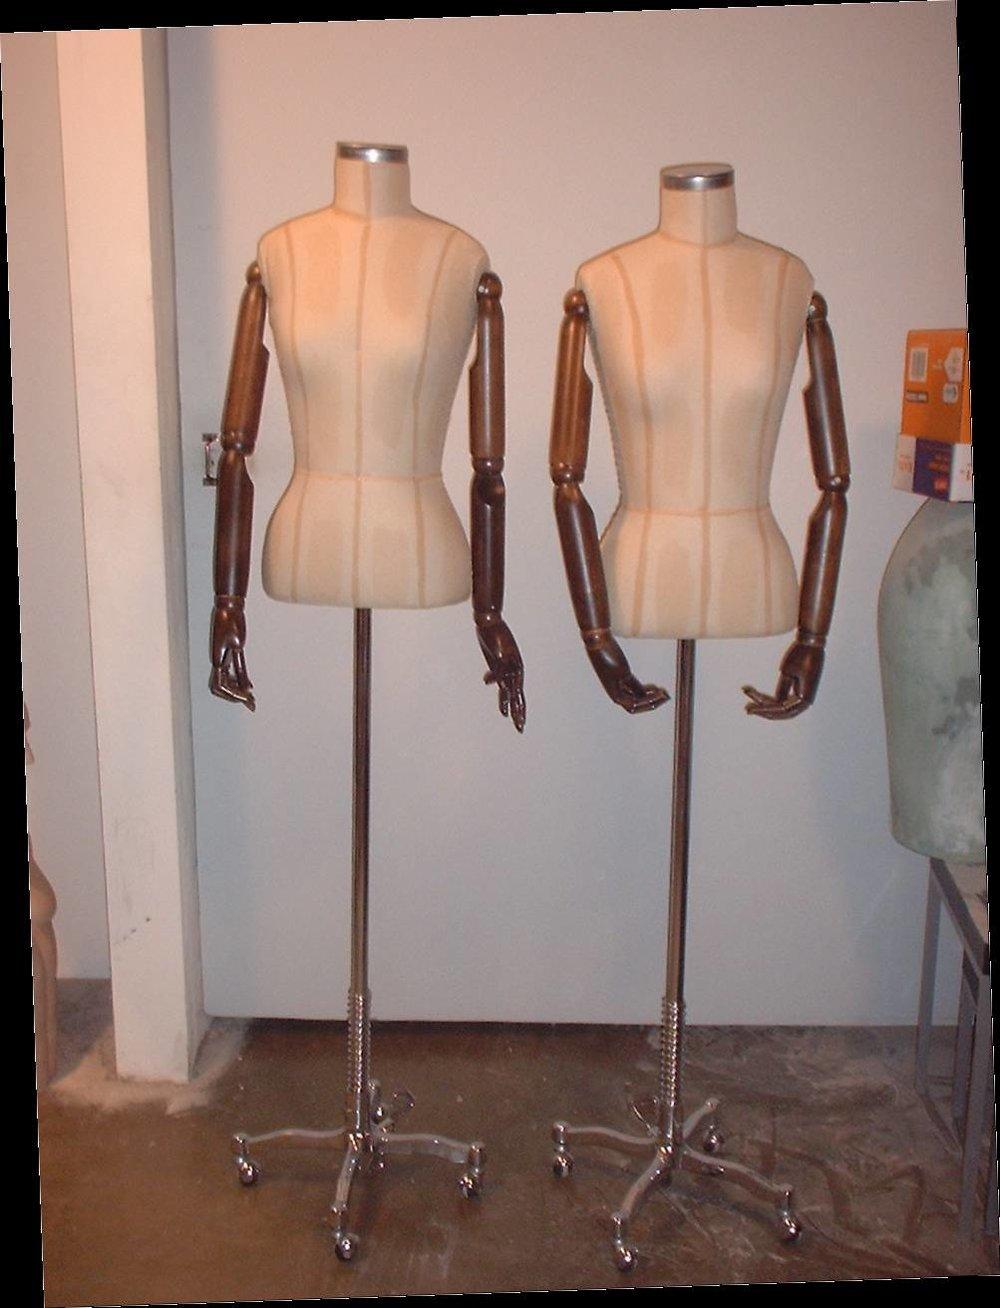 Female Jacket/Shirt Forms